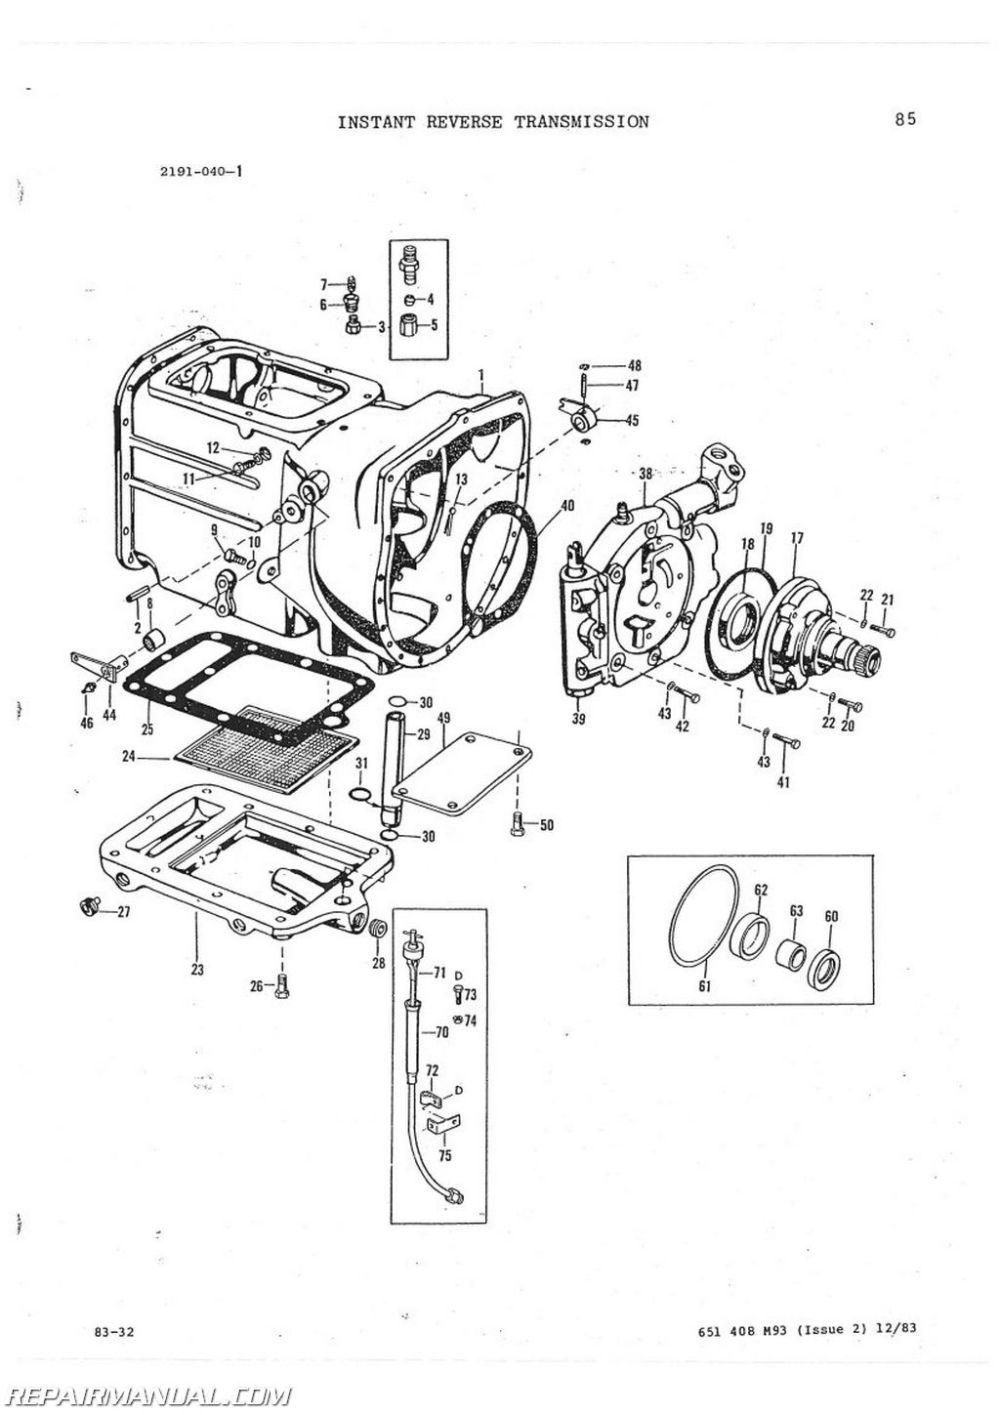 medium resolution of massey ferguson mf60 tractor loader backhoe parts manual ford c4 transmission parts to 30 parts diagram transmission